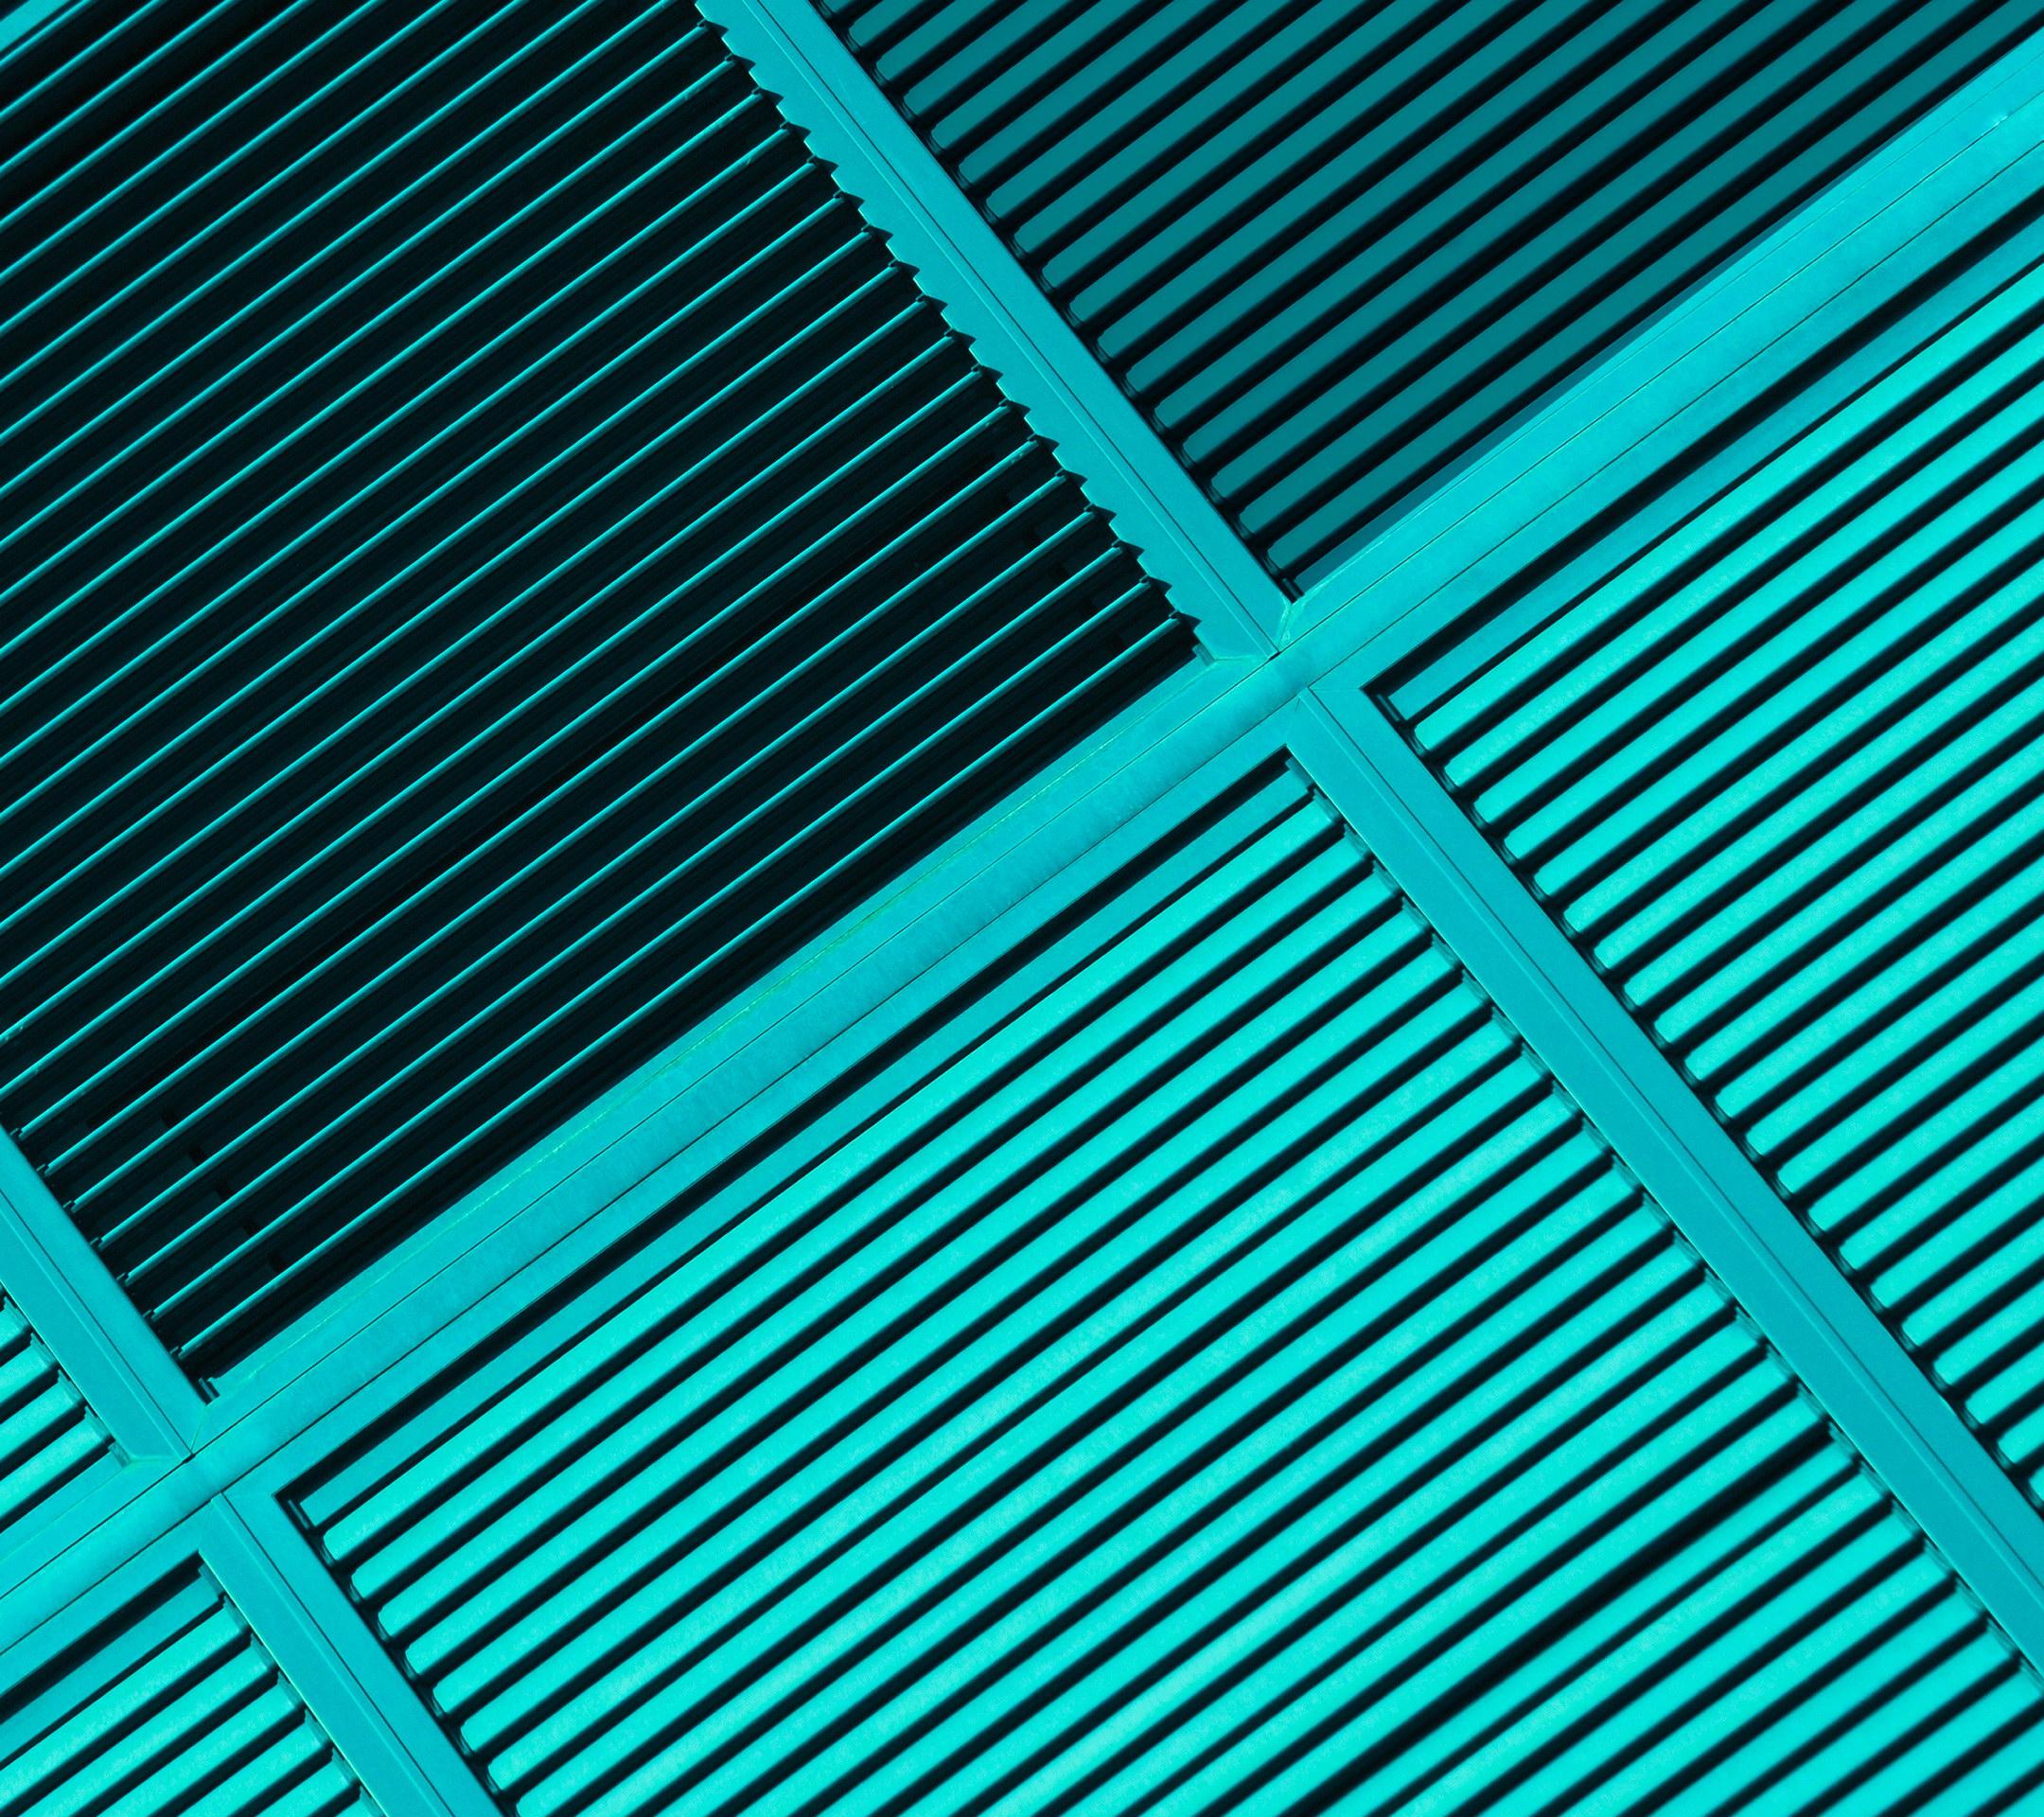 Moto_X_Wallpapers (11)